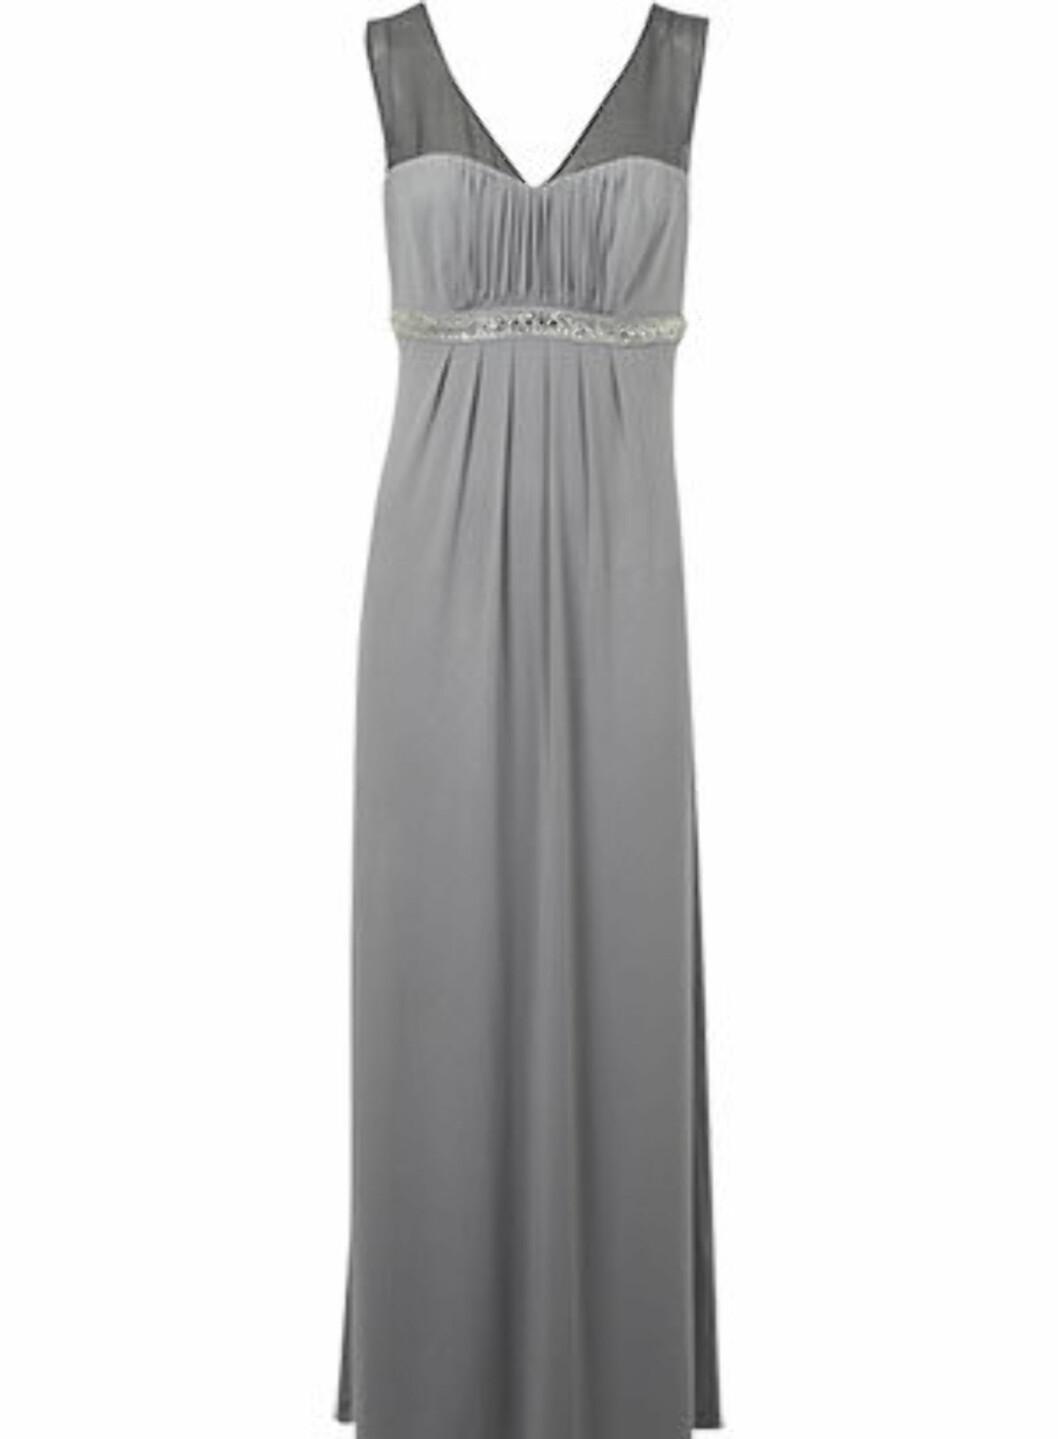 Fotsid dusgrå kjole med paljetter (ca kr.365/Oasis-stores.com). Foto: Produsenten